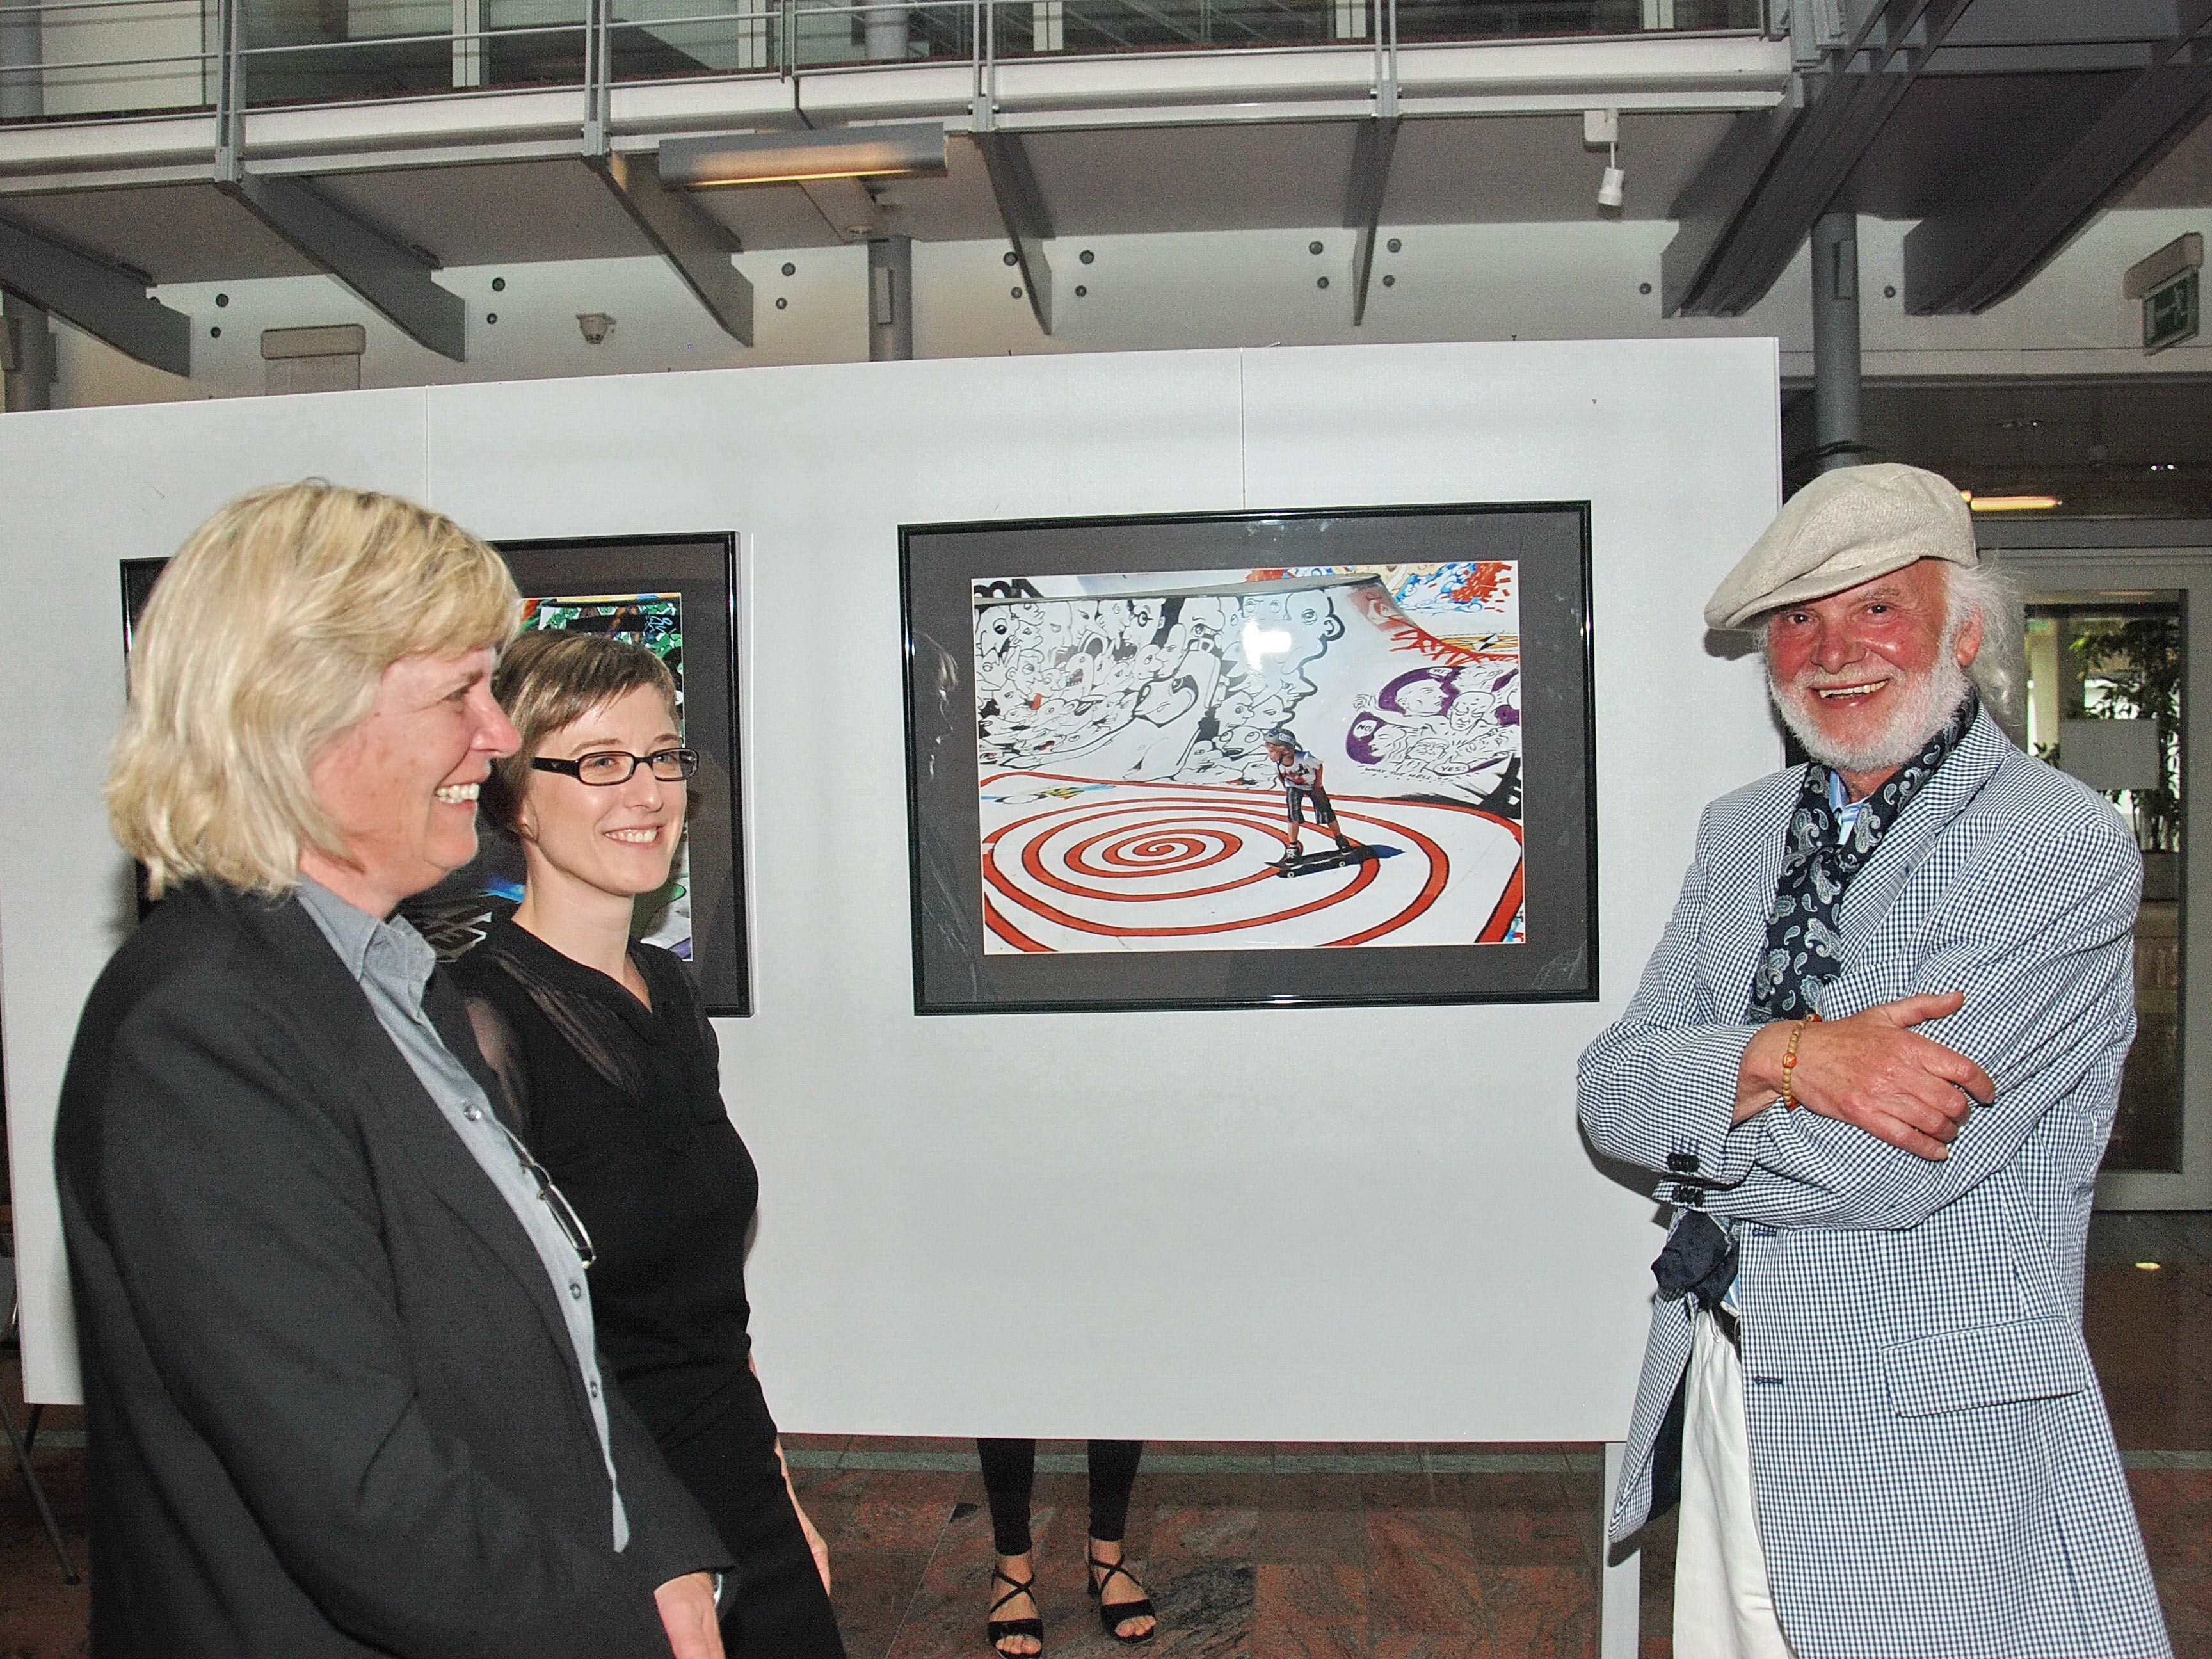 Dietmar Wanko bei Eröffnung seiner Schau mit Romagna Miessgang und Nicole Ohneberg.